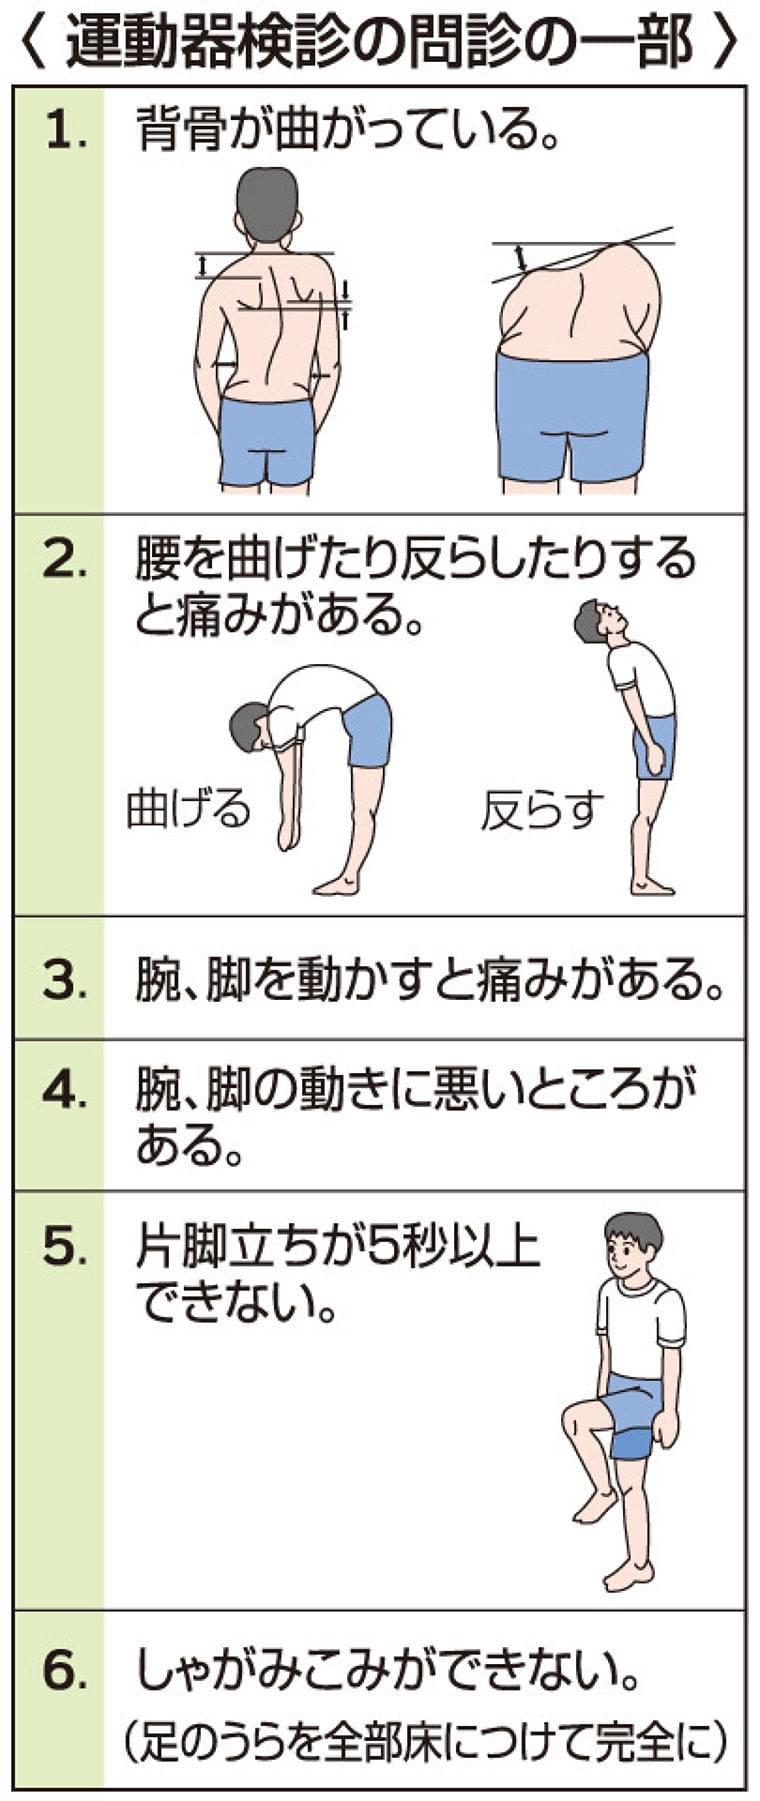 子どもの運動器検診 | 岐阜新聞Web